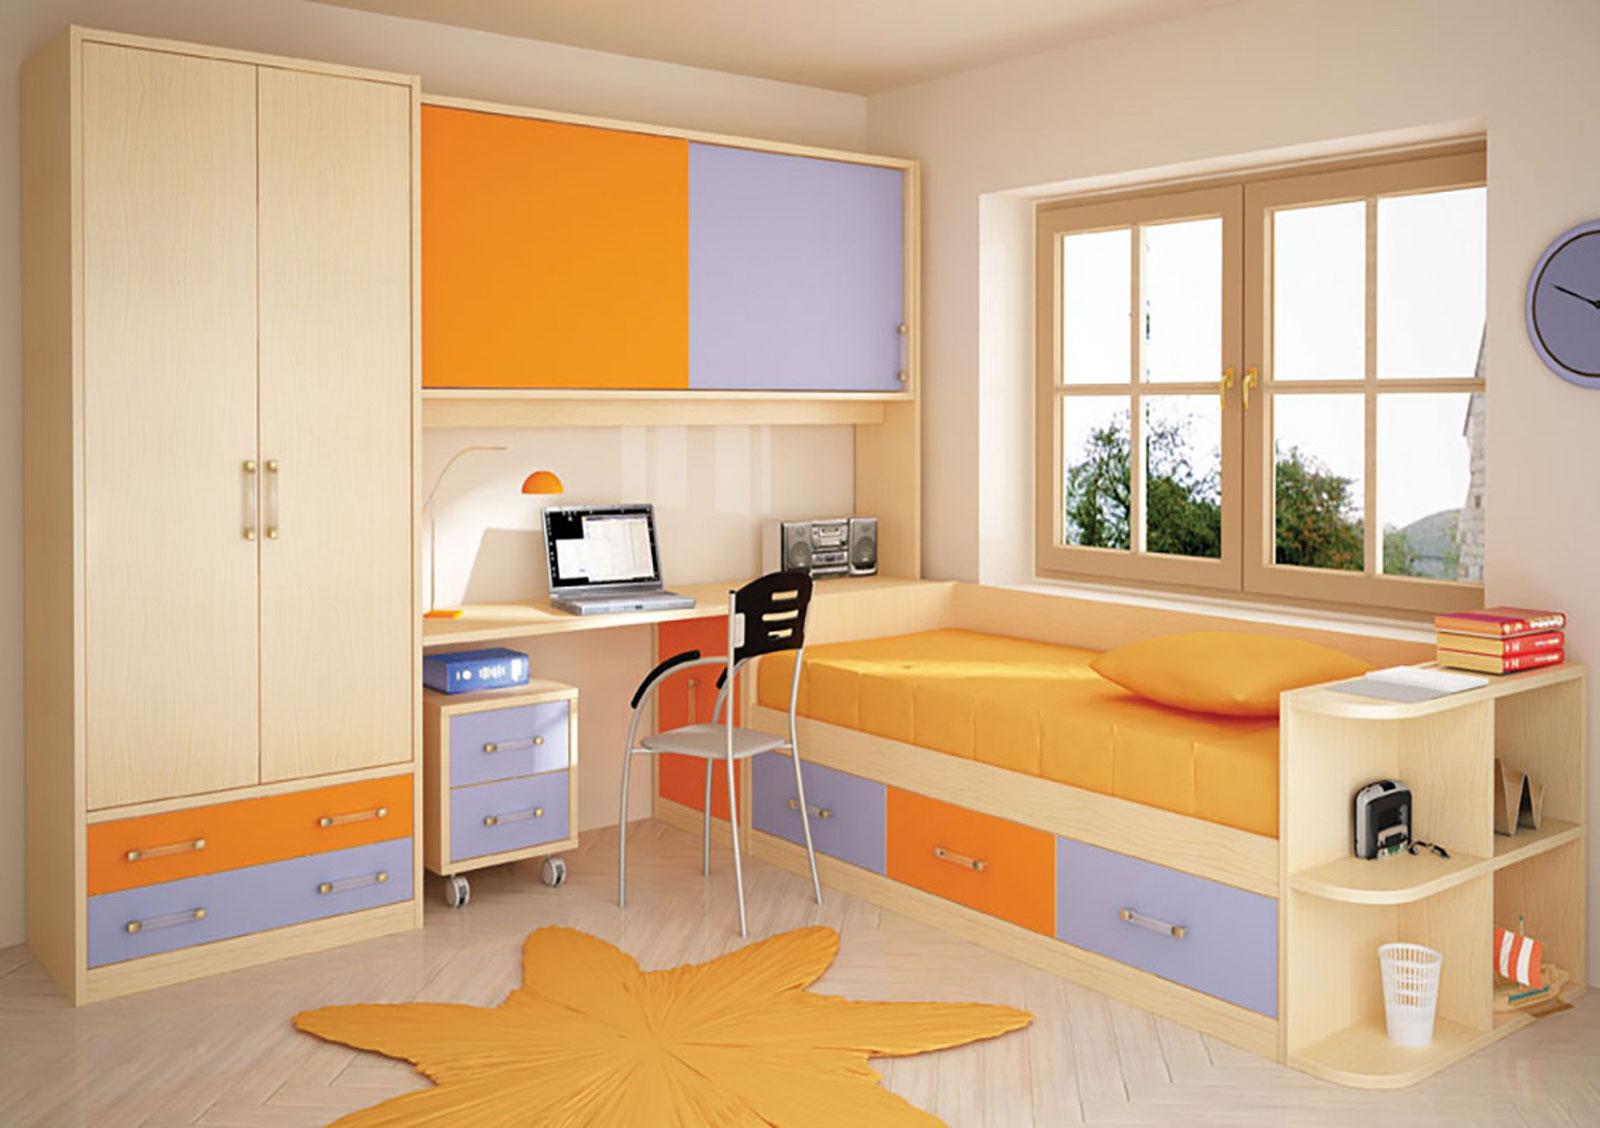 Мебель для детской комнаты купить в минске, цены, фото..